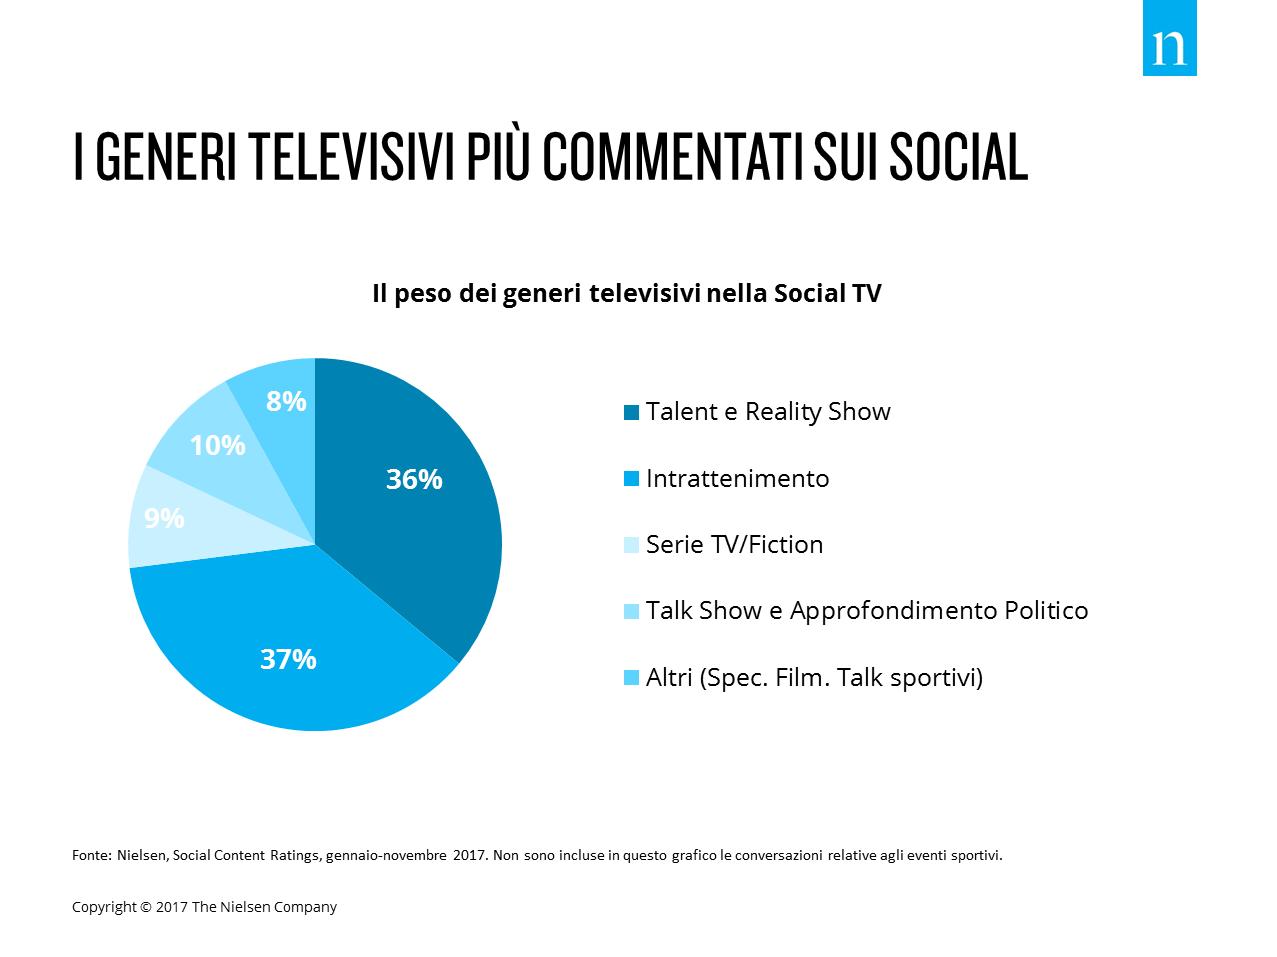 Social TV dec 1 - Tv 4.0. Social tv, sono quattro i trend chiave del 2018 secondo Nielsen